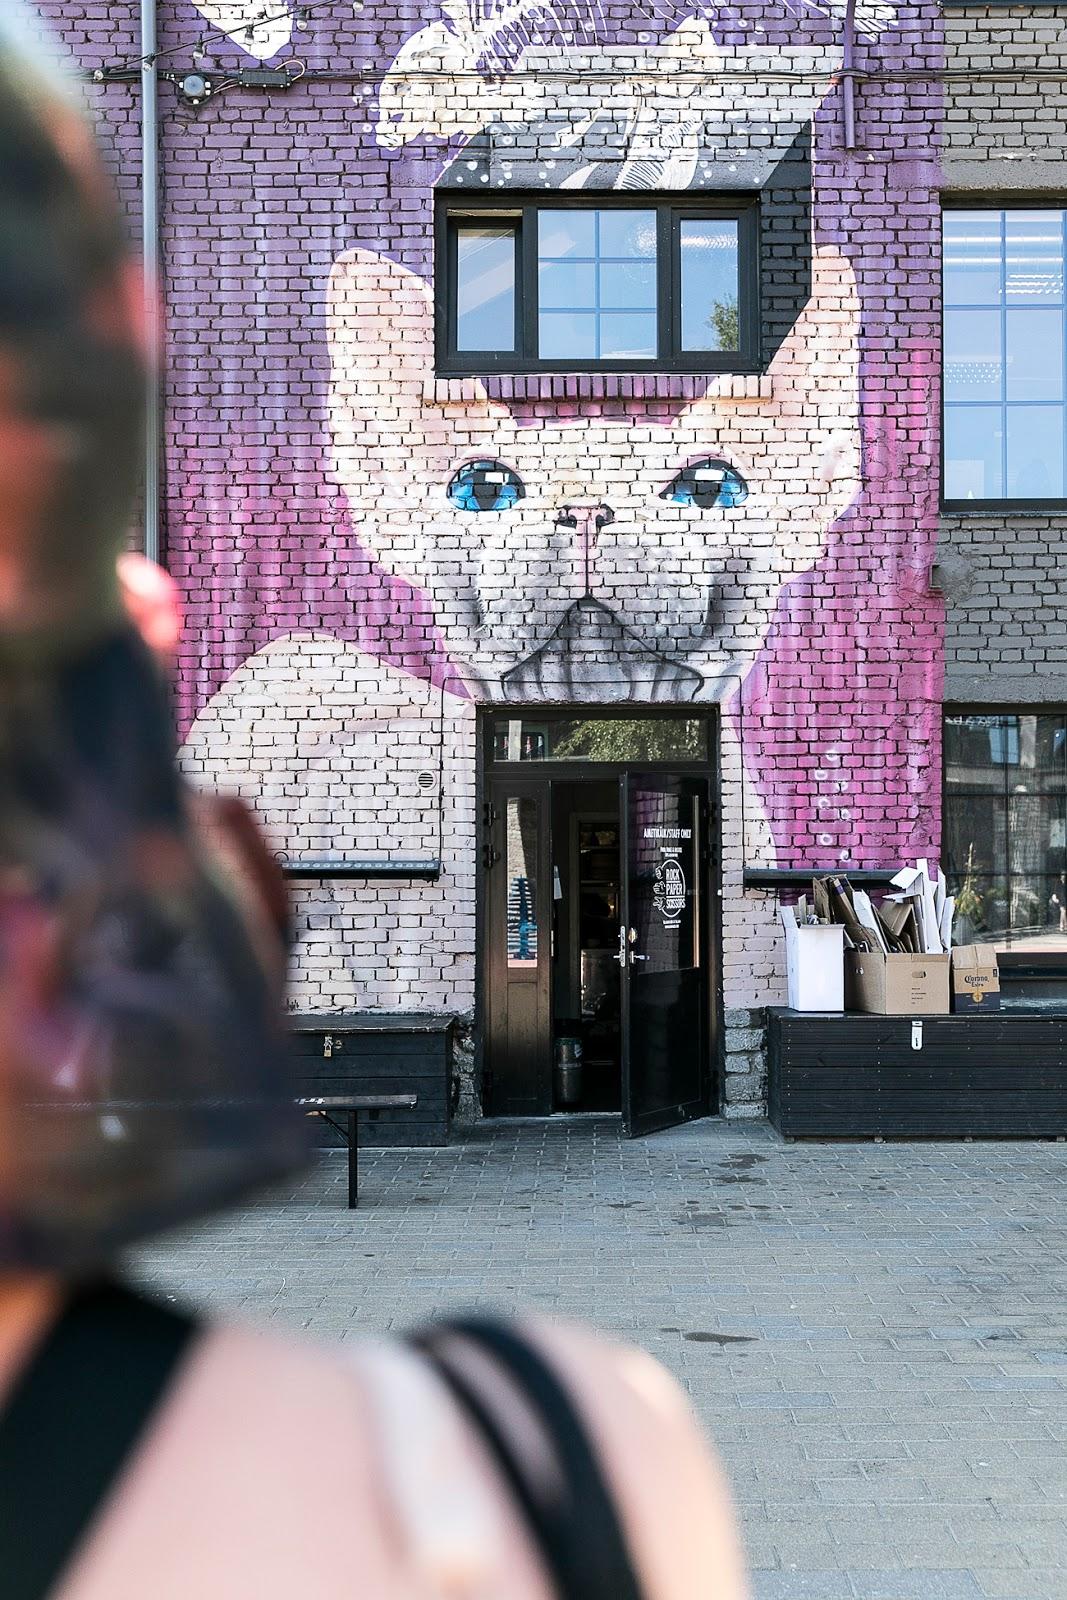 Tallinna, Visittallinna, Viro, Tallinn, matkailu, matkustus, travel, photographer, valokuvaaja, Frida Steiner, Visualaddict, visualaddictfrida, city, Telliskivi, Fotografiska